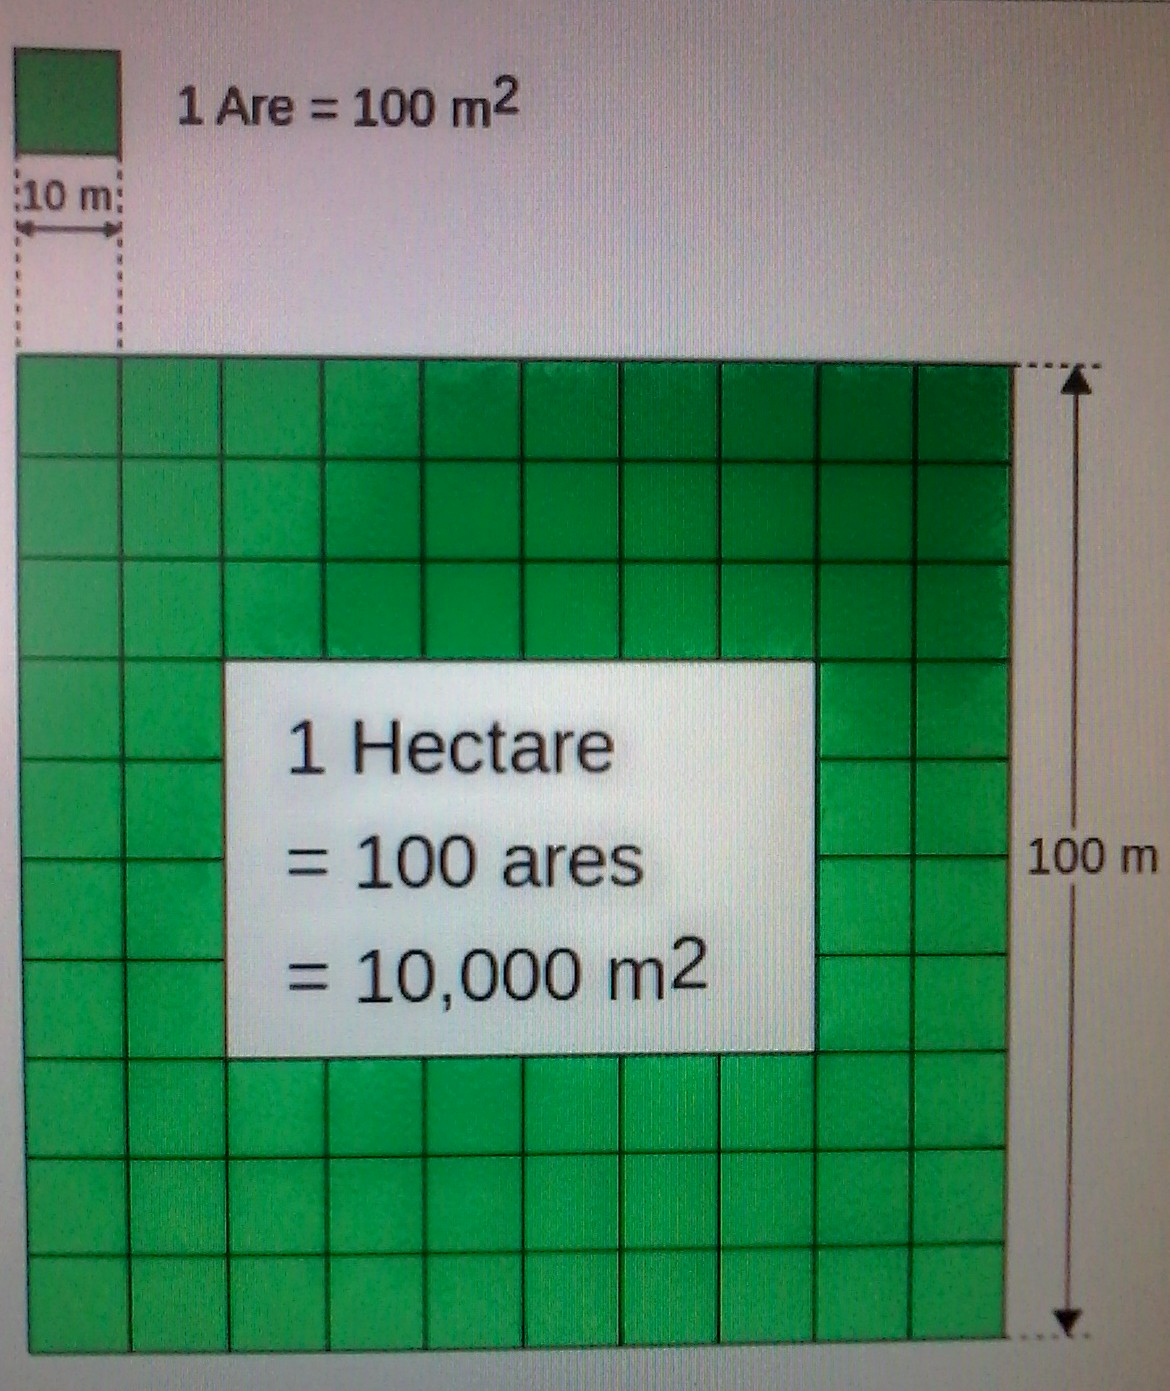 Скільки квадратних метрів в гектарі